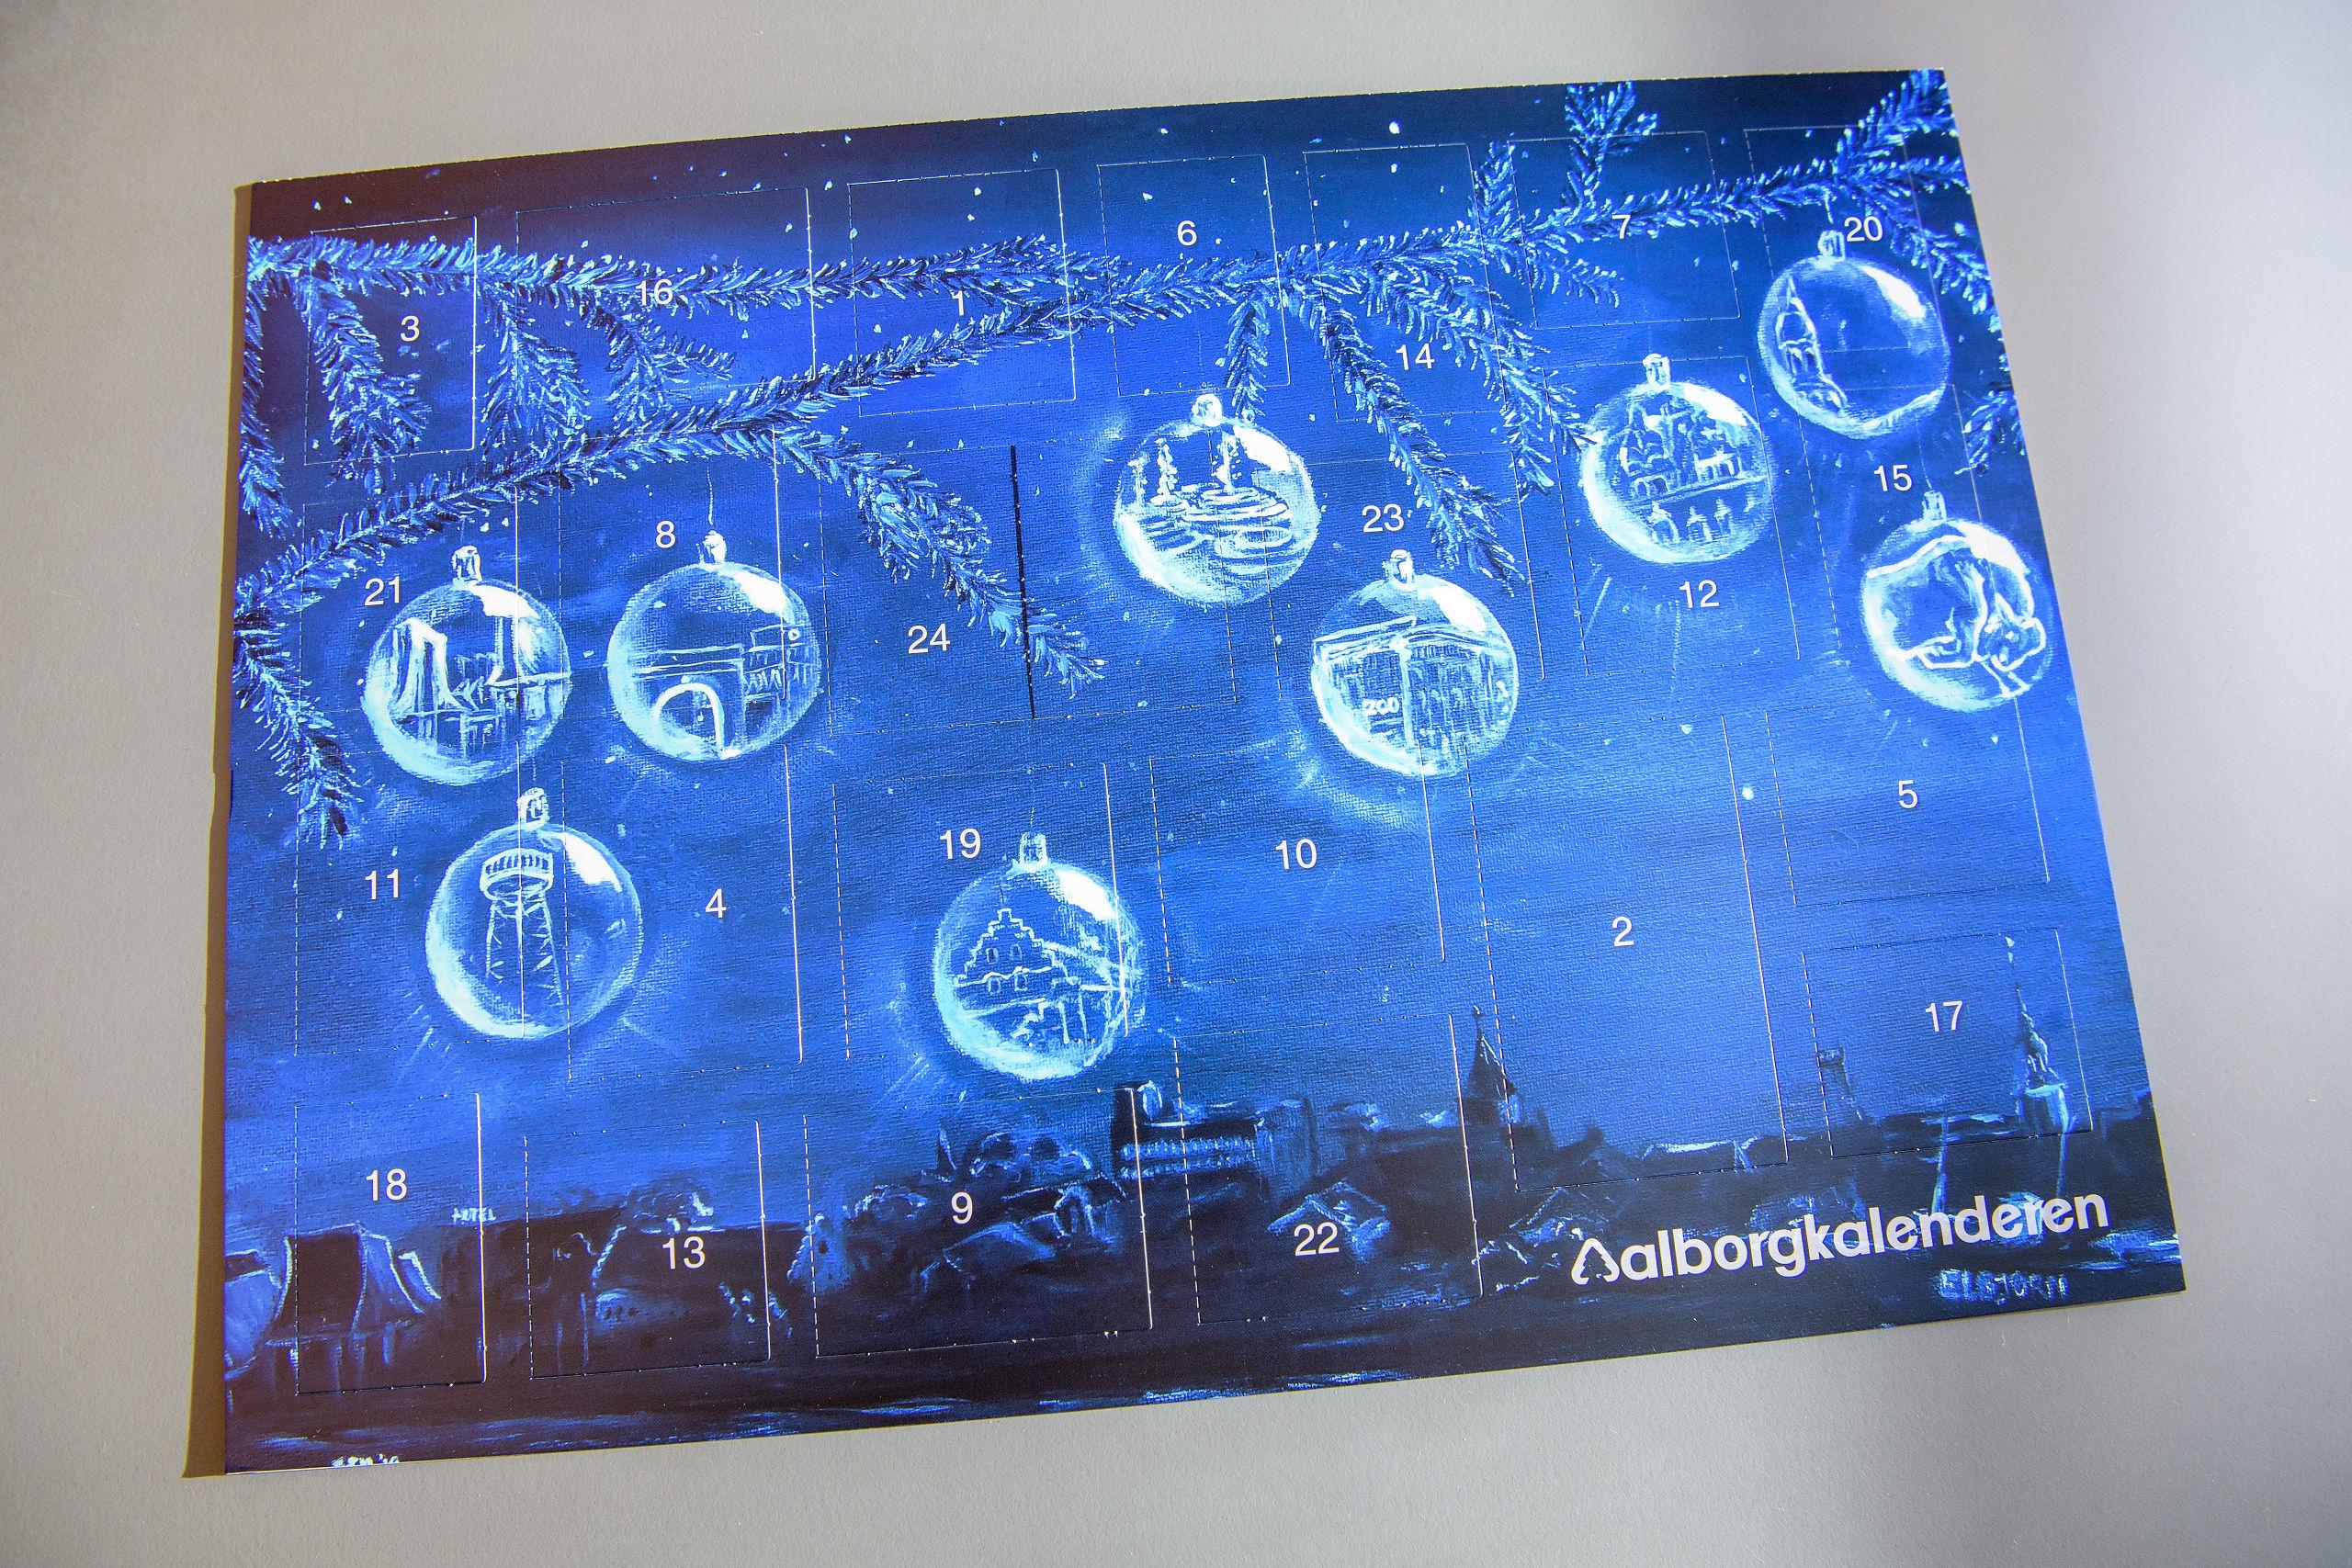 Lågerne i Aalborgkalenderen gemmer på gaver og konkurrencer. Foto: Peter Broen